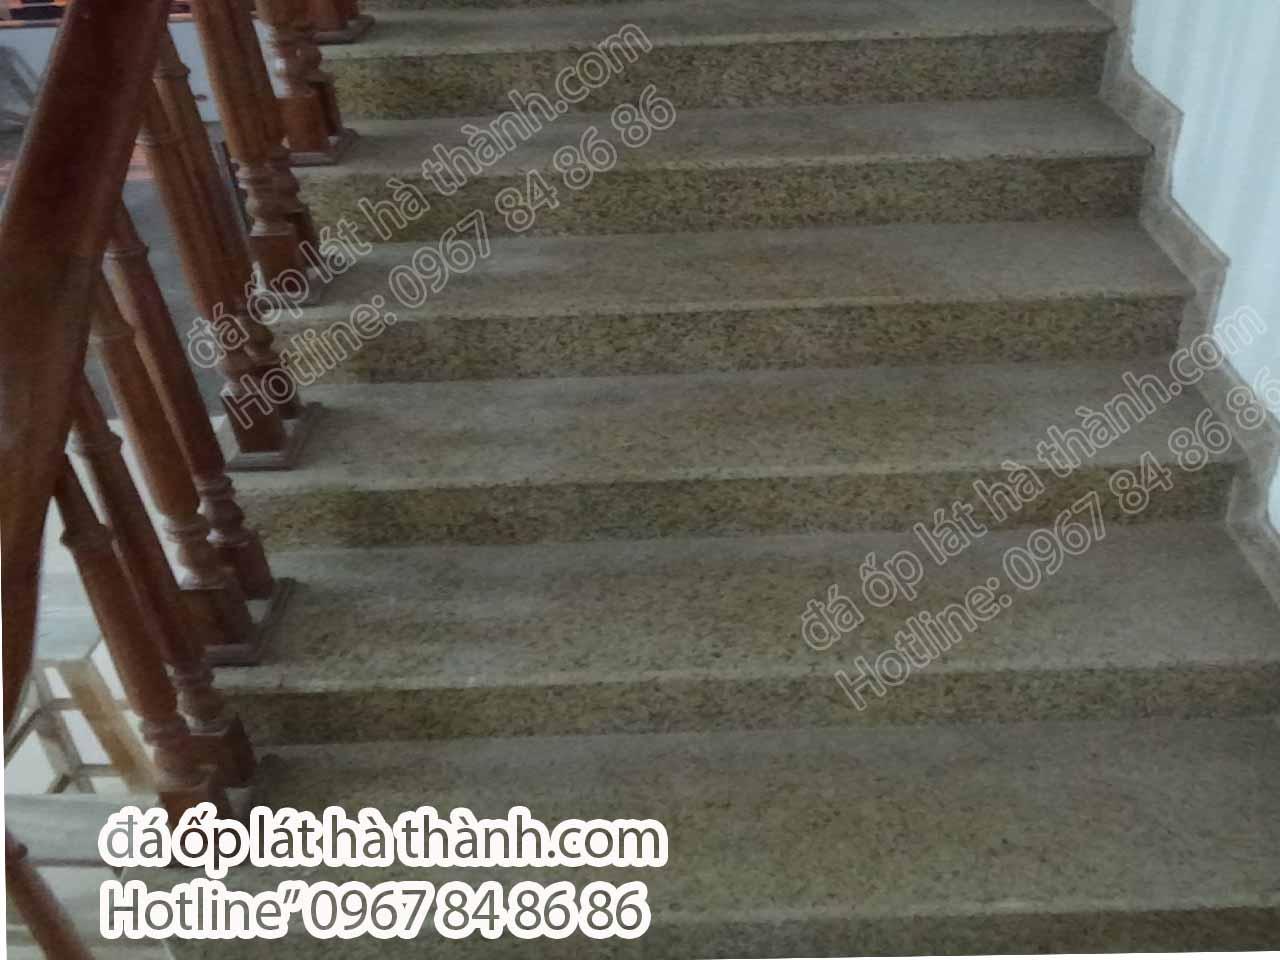 Đá vàng Bình Định trong thi công ốp cầu thang